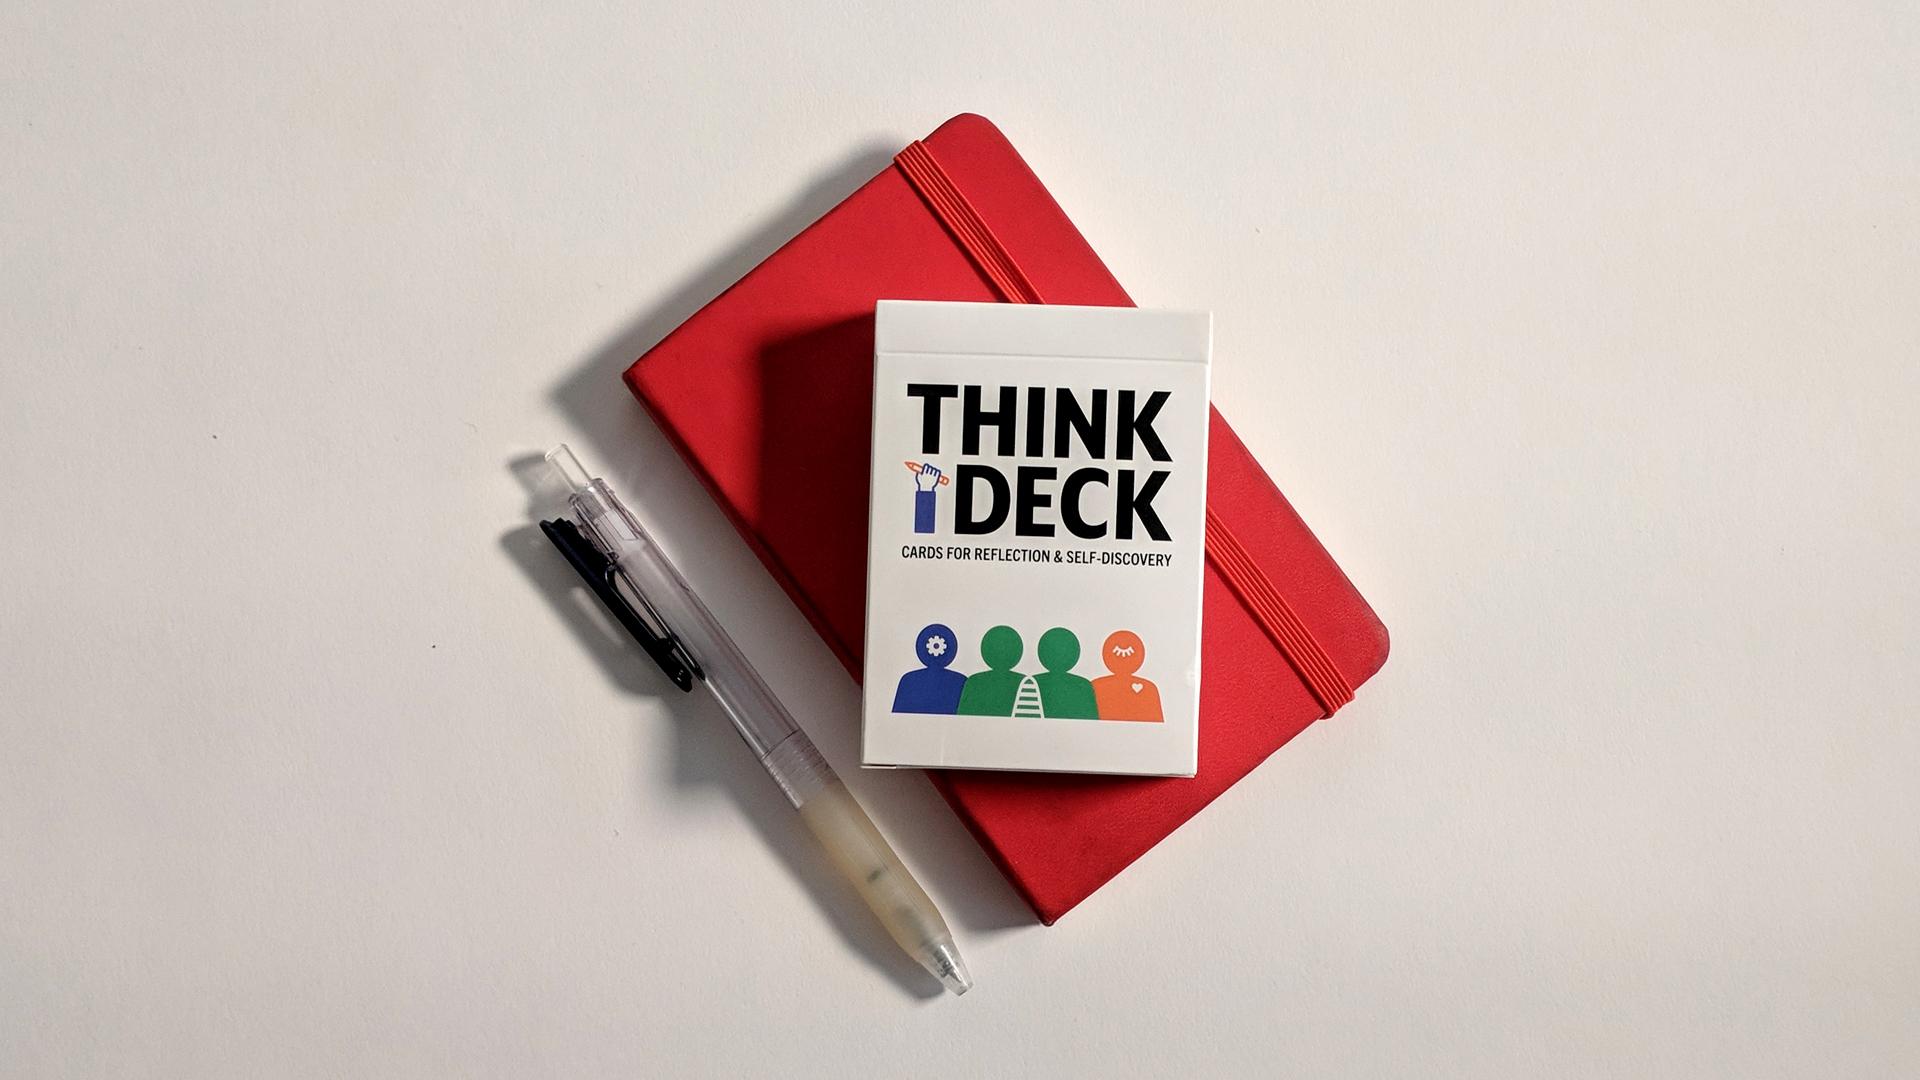 THINK DECK